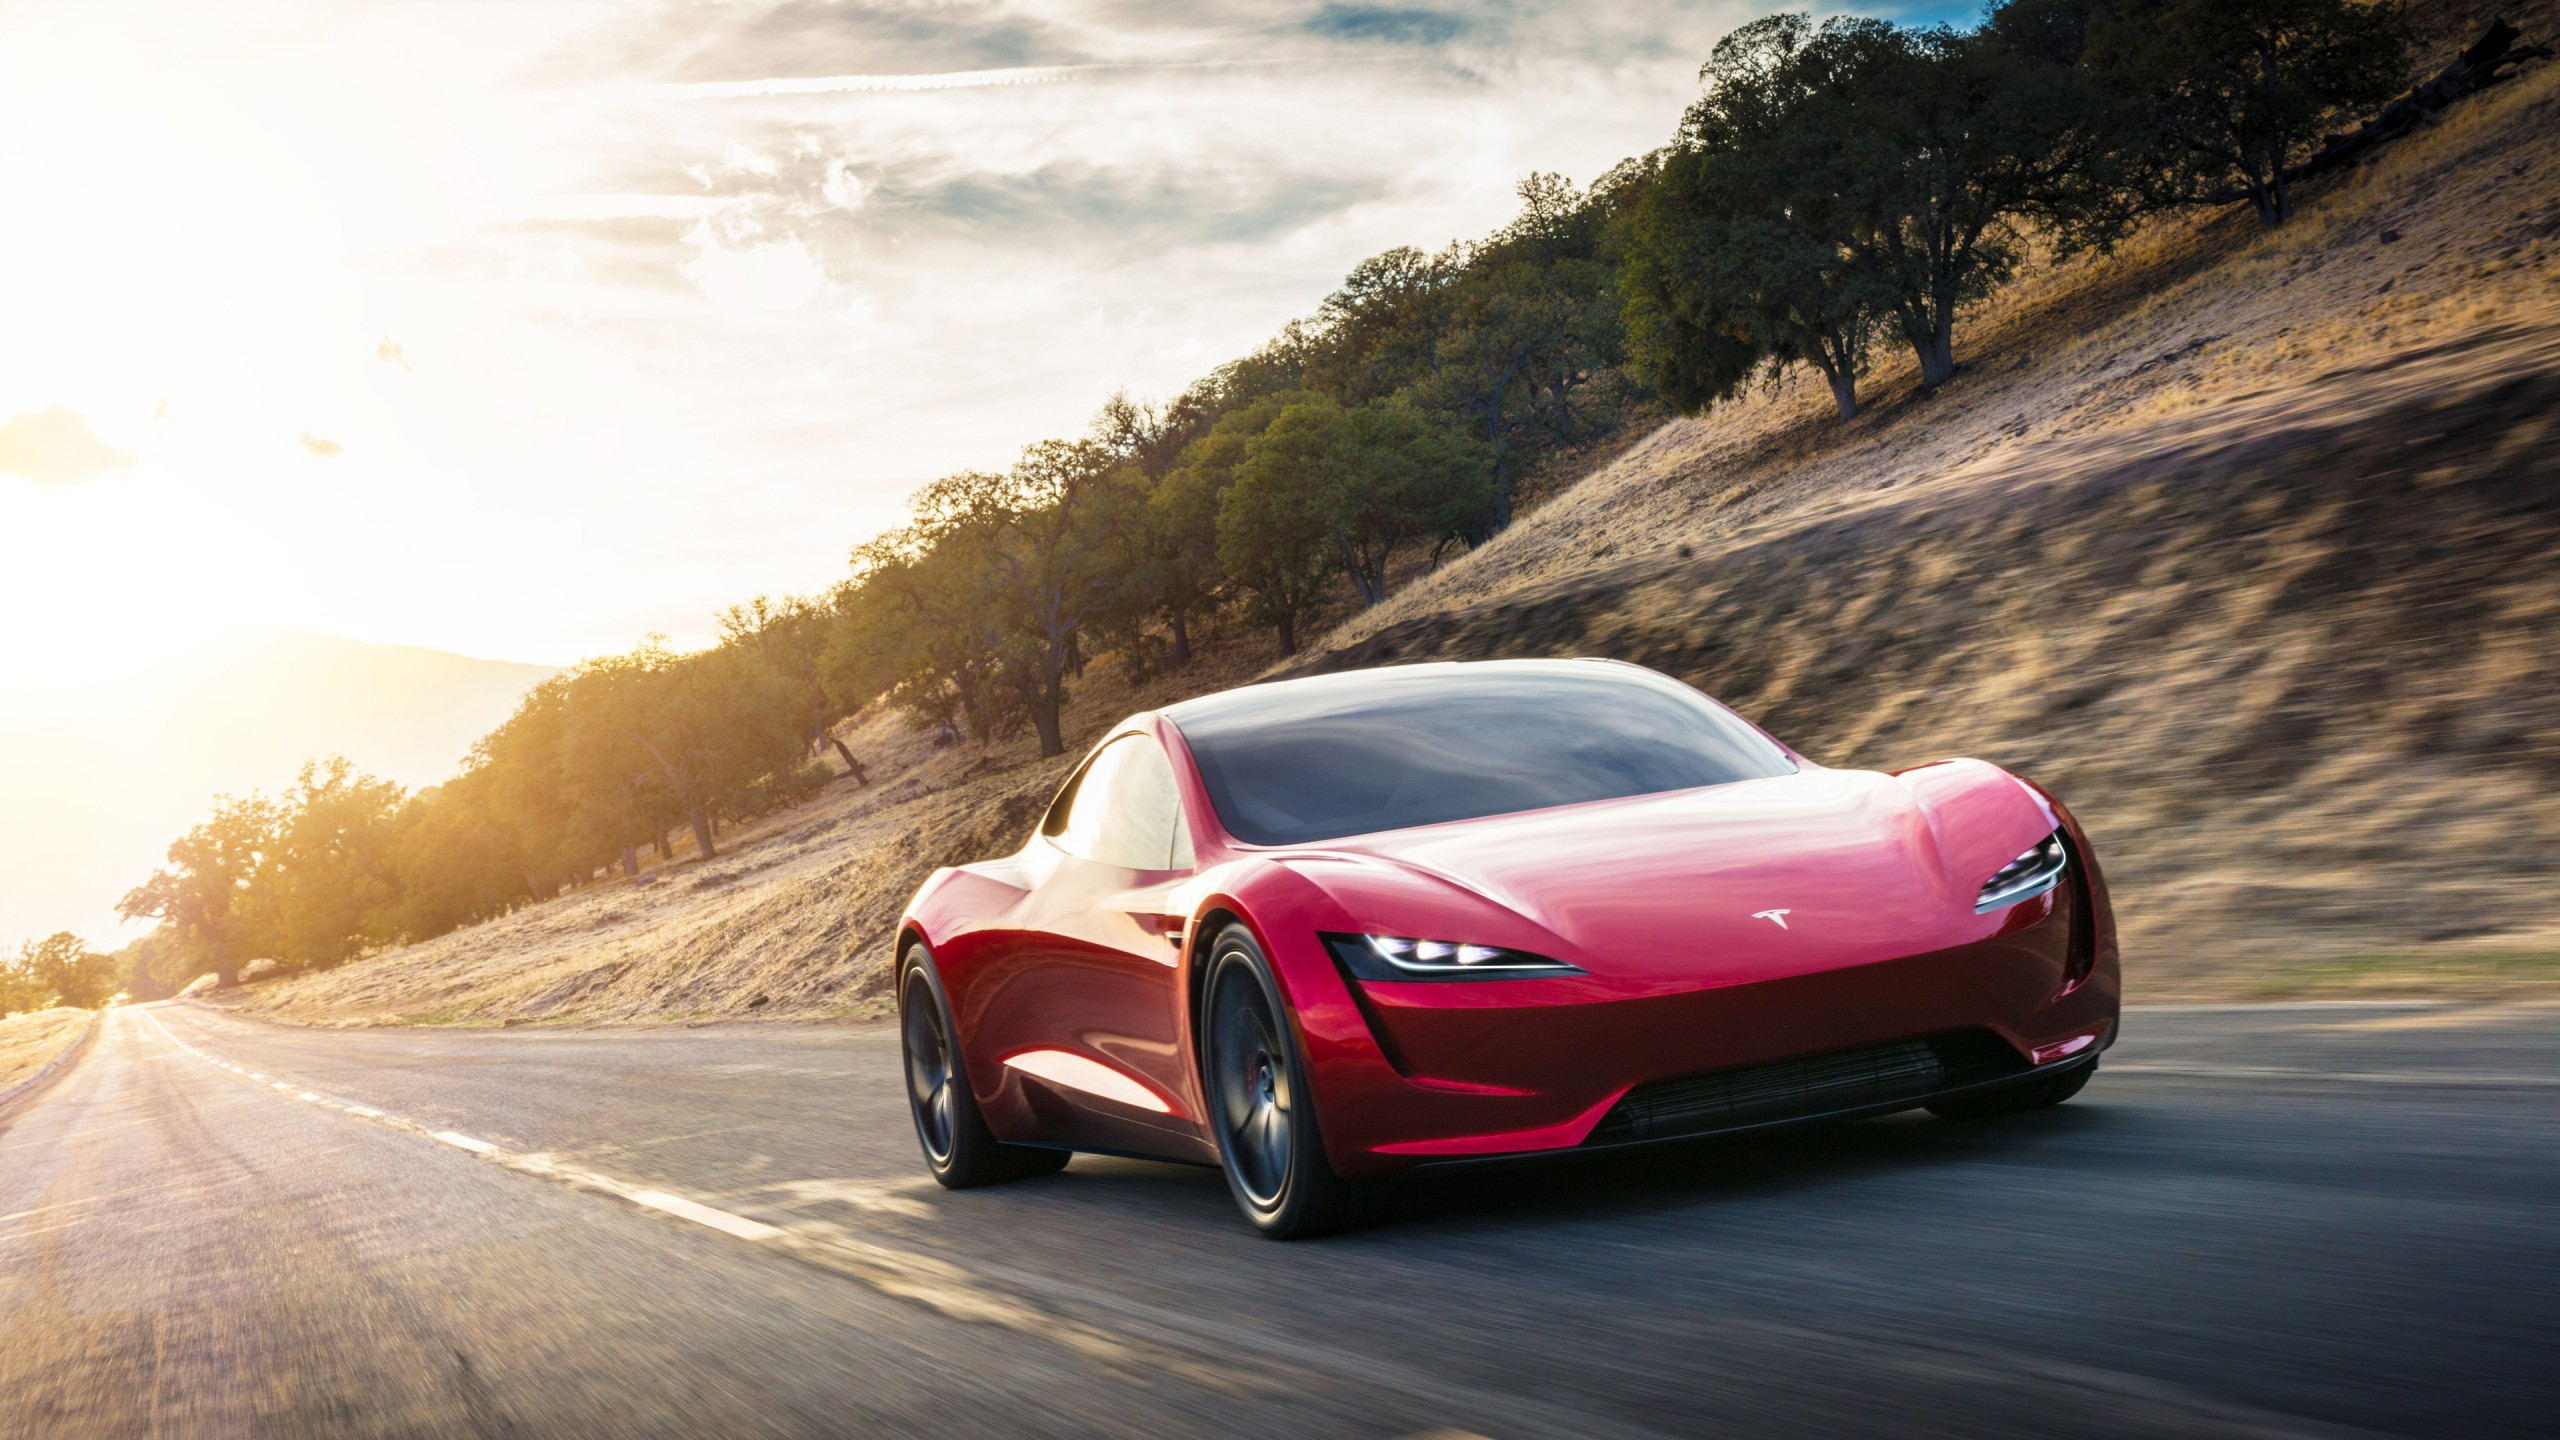 2020 Tesla Roadster 4K 6 Wallpaper   HD Car Wallpapers   ID #9104